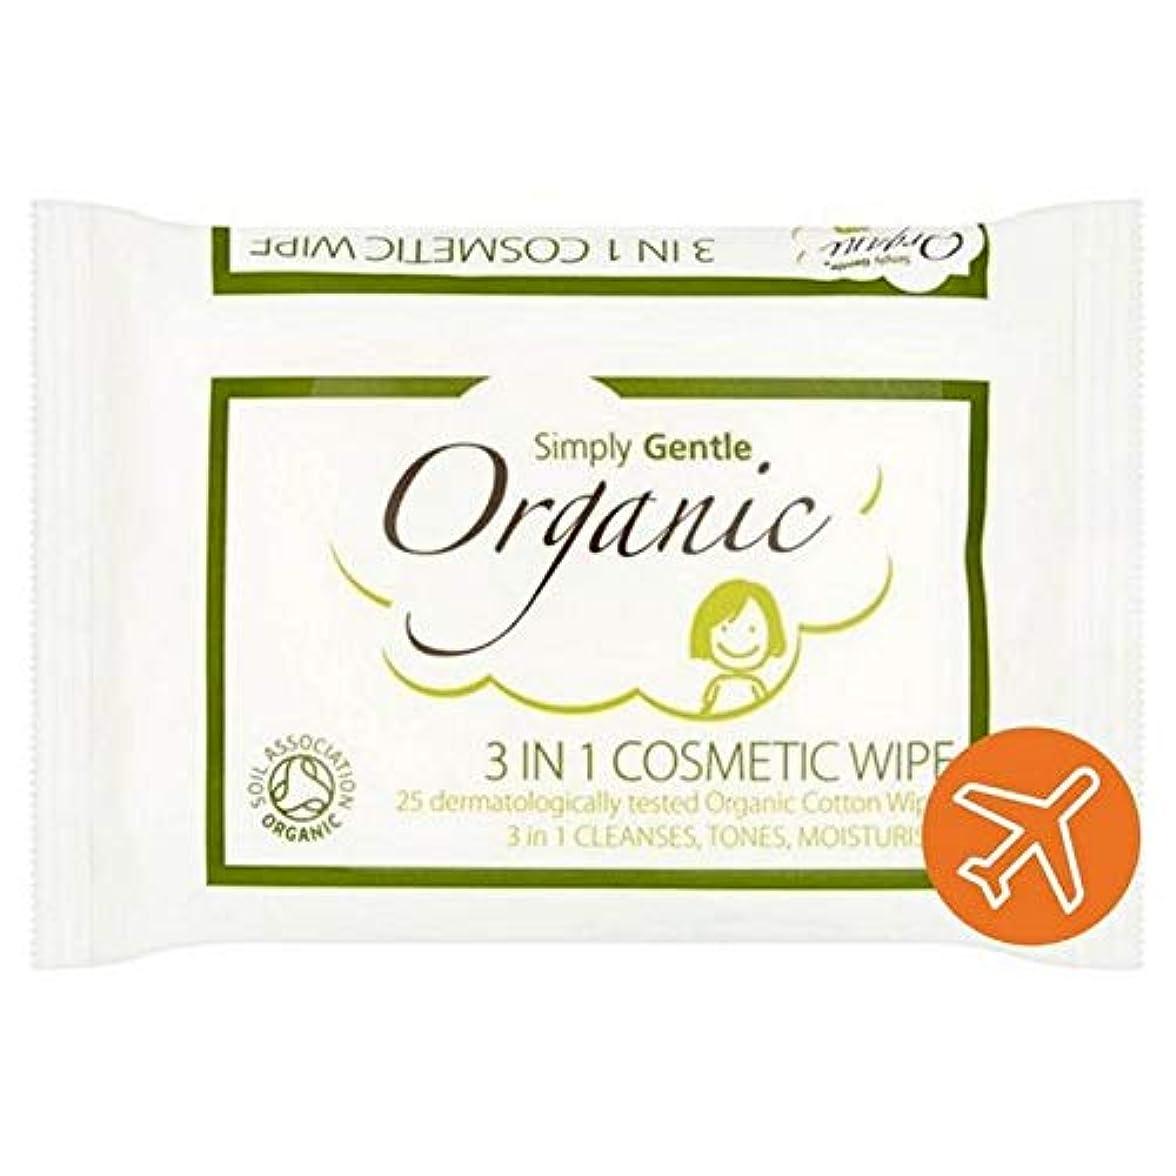 モンゴメリー出血好色な[Simply Gentle ] 単に優しい有機顔パックごとに25を拭きます - Simply Gentle Organic Face Wipe 25 per pack [並行輸入品]